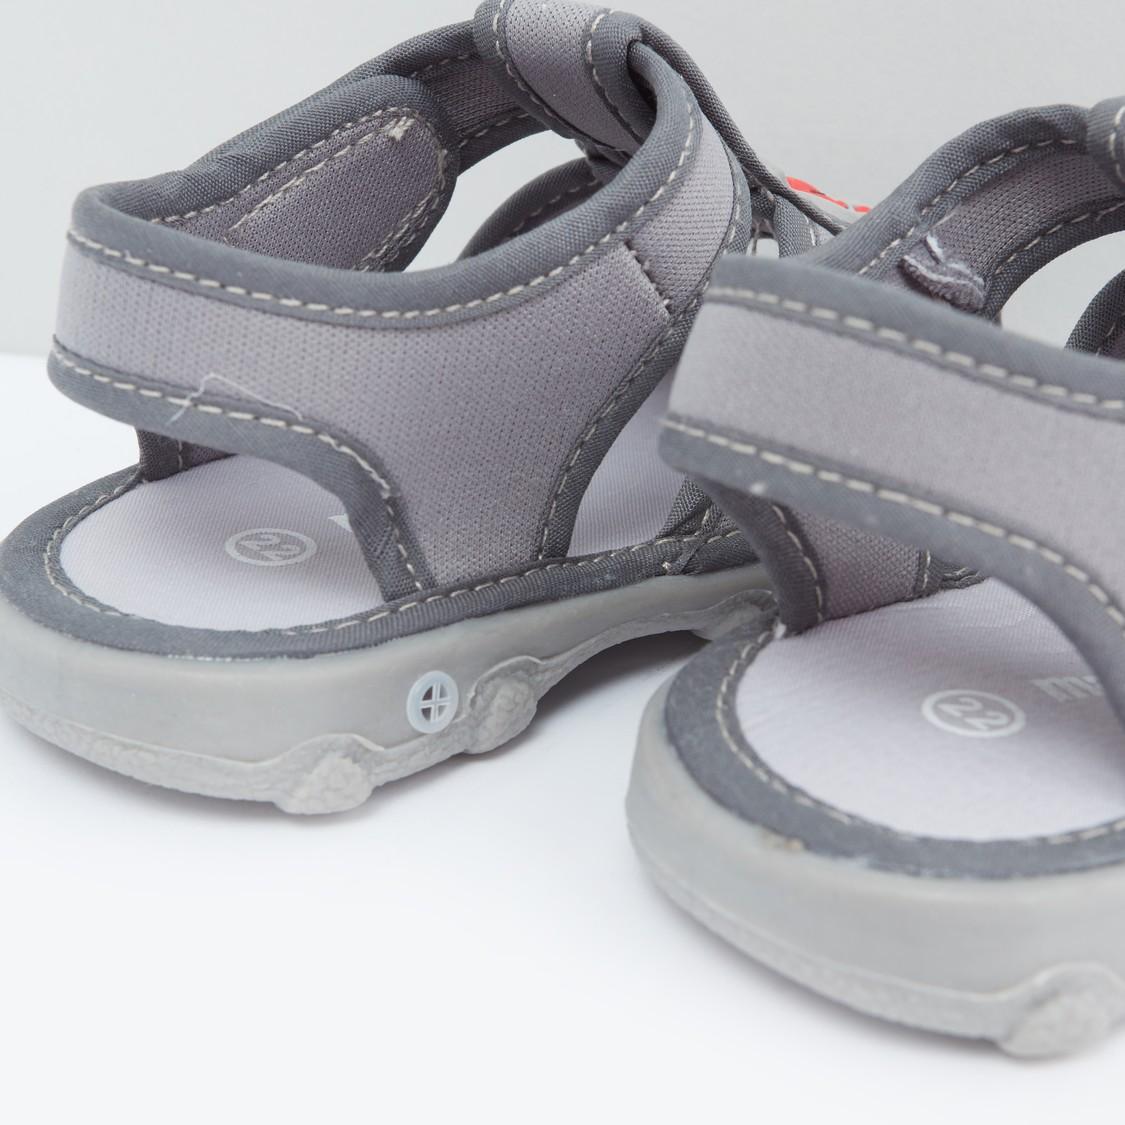 حذاء بتفاصيل مزخرفة واغلاق خطاف وحلقة